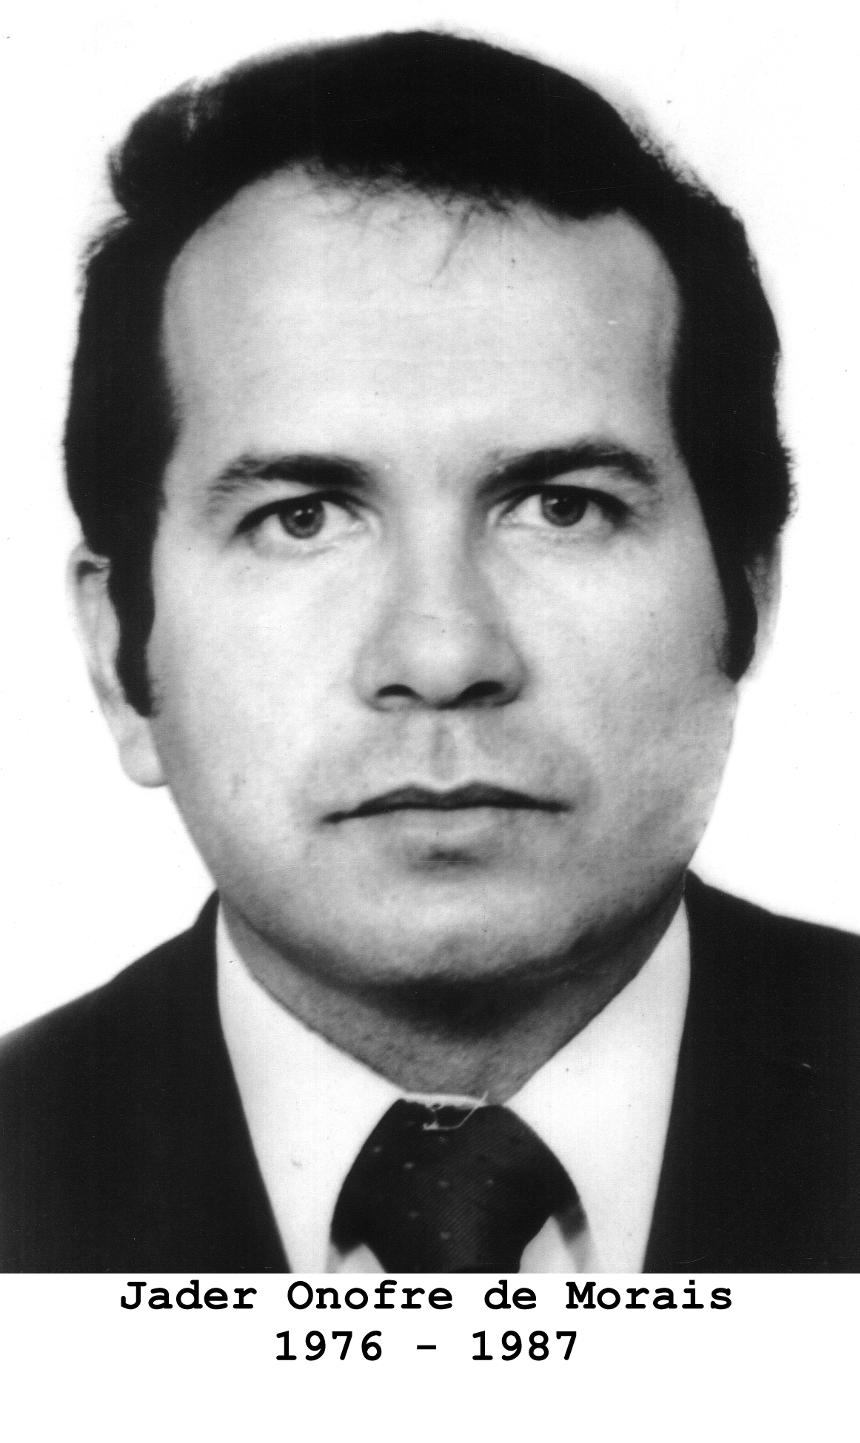 Jader Onofre de Morais 1976 - 1987